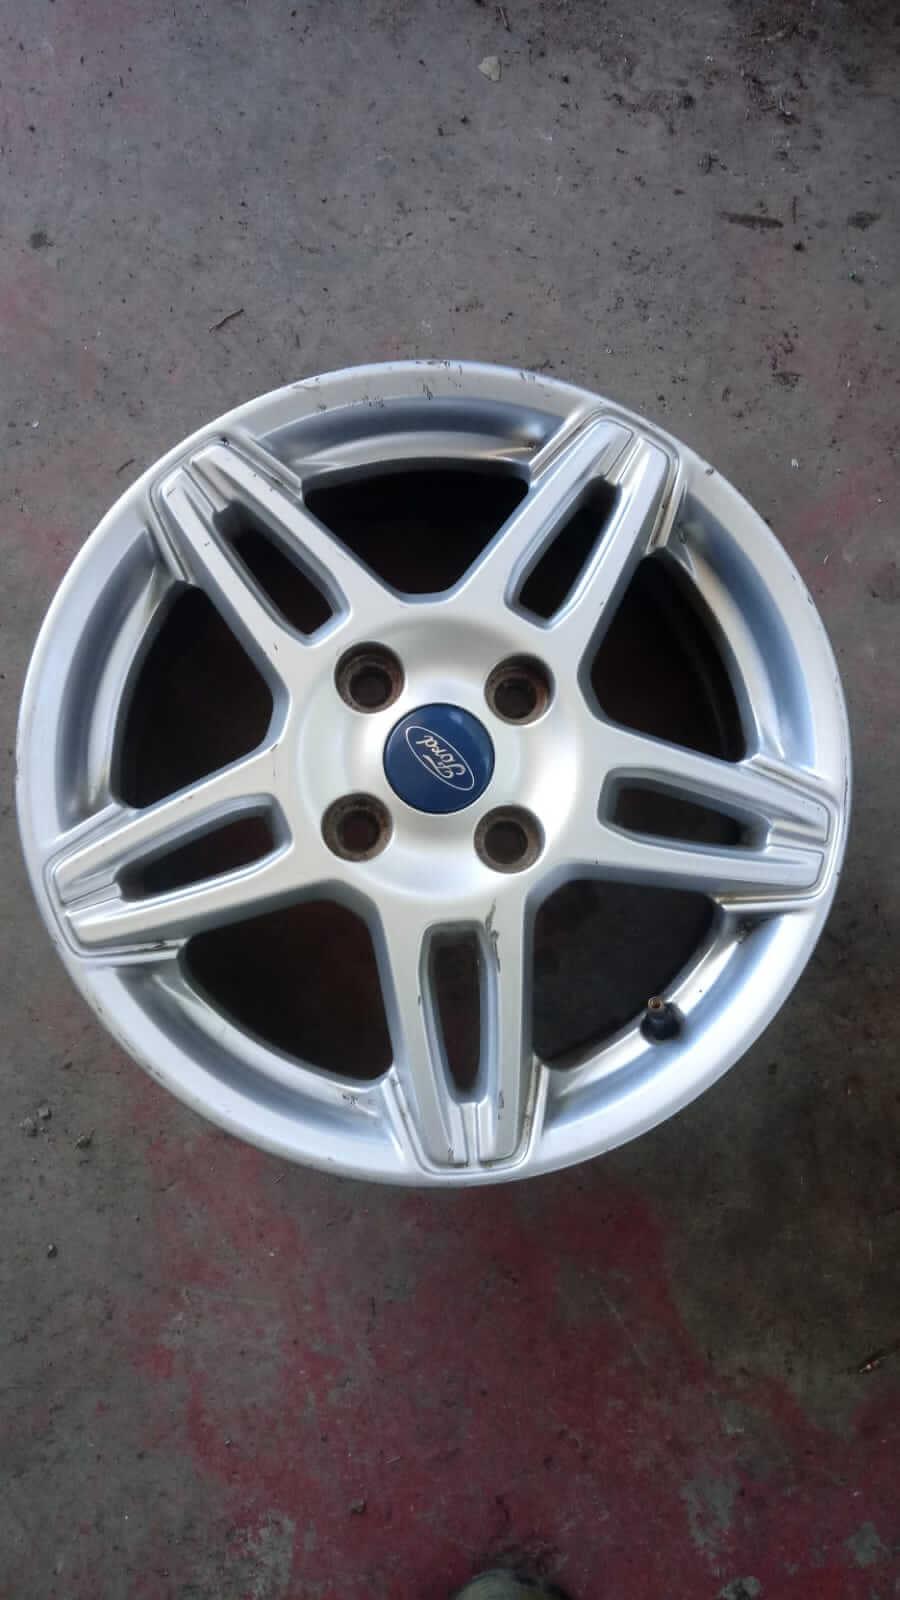 Cerchio in lega usato Ford Fiesta dm 15